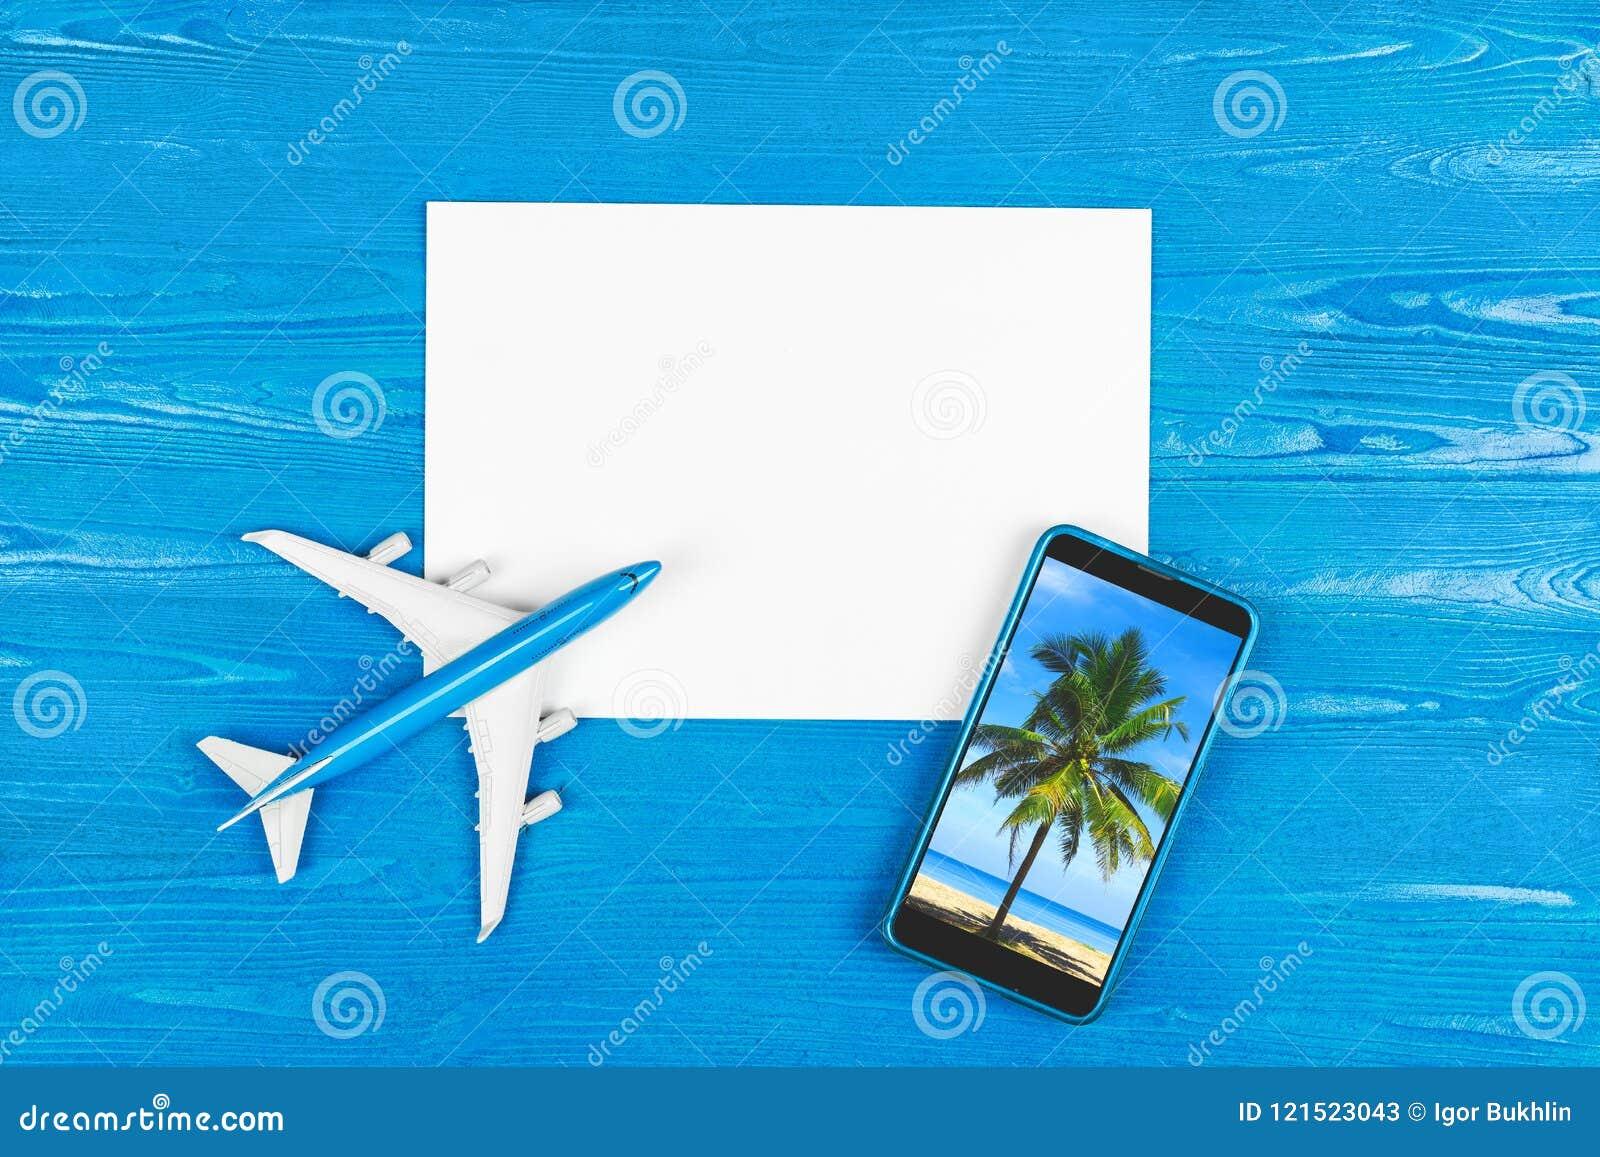 Handyspeicher Flugticketkauf Reisekonzept Reise durch Plane Moderne Technologie, Anwendungen für Smartphones